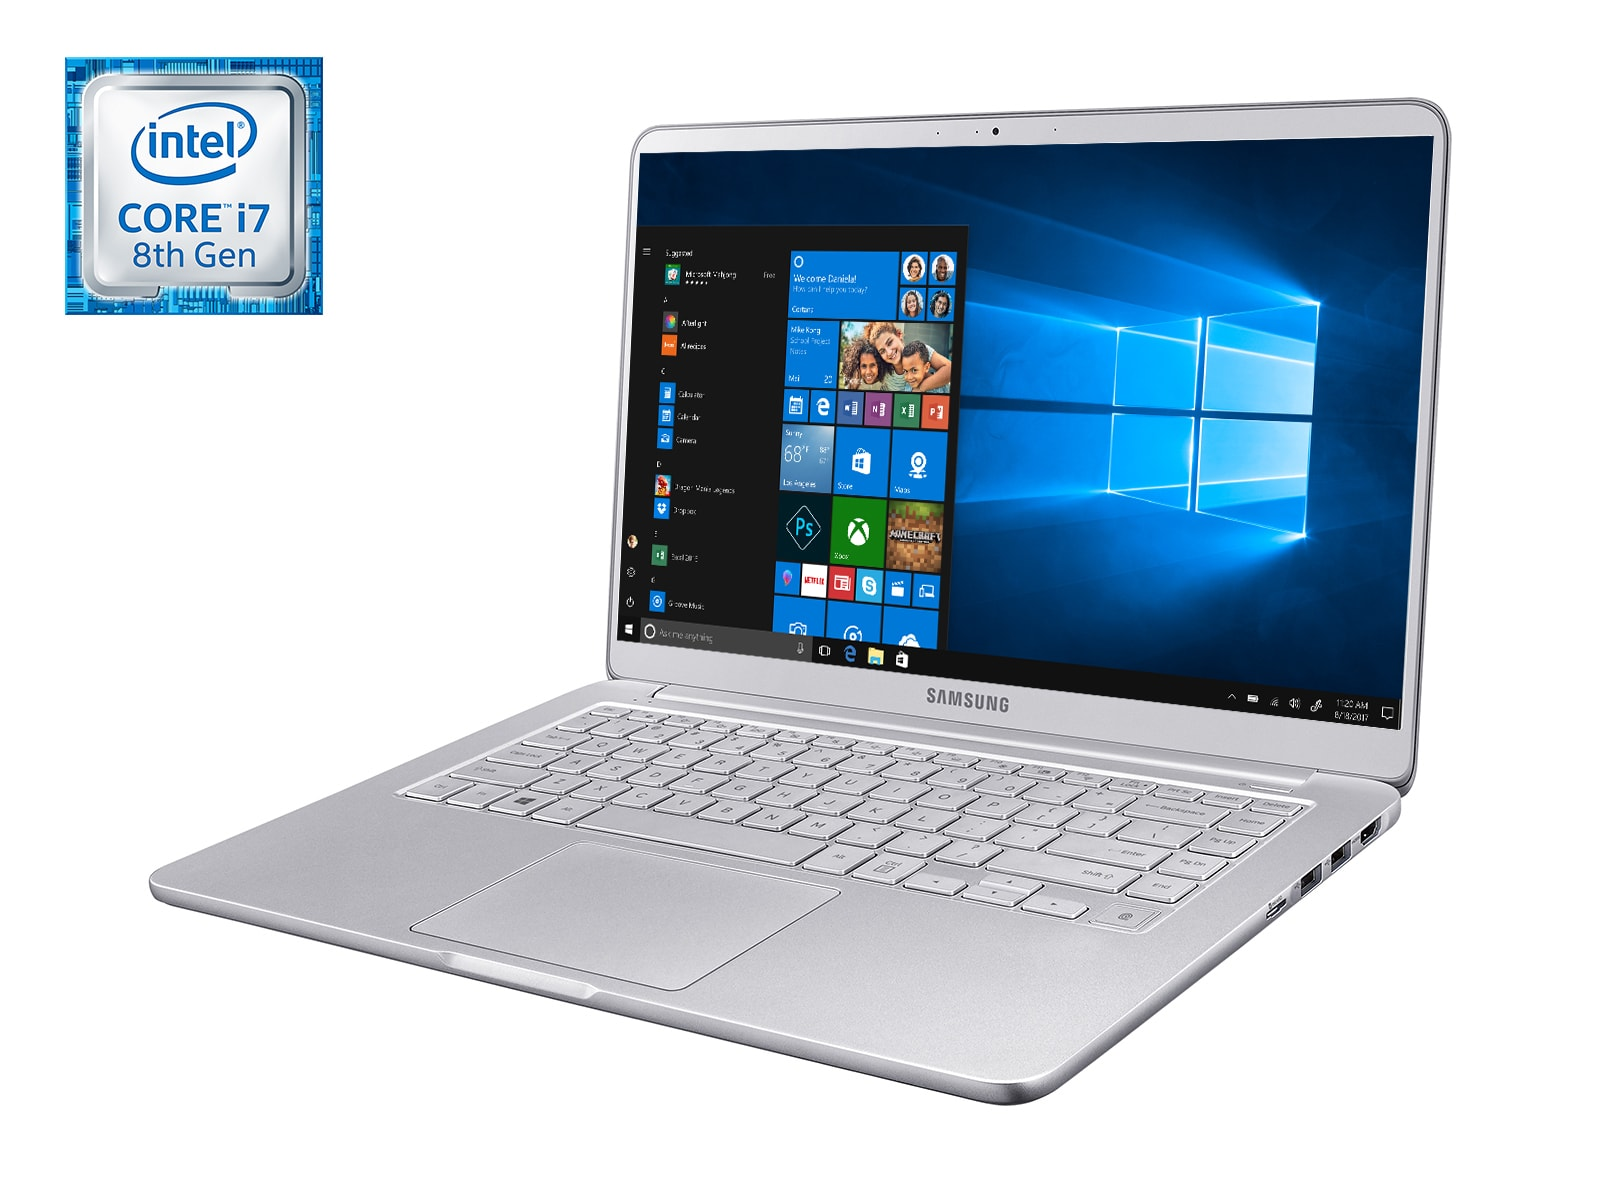 Samsung Notebook 9 NP900X5T-K01US